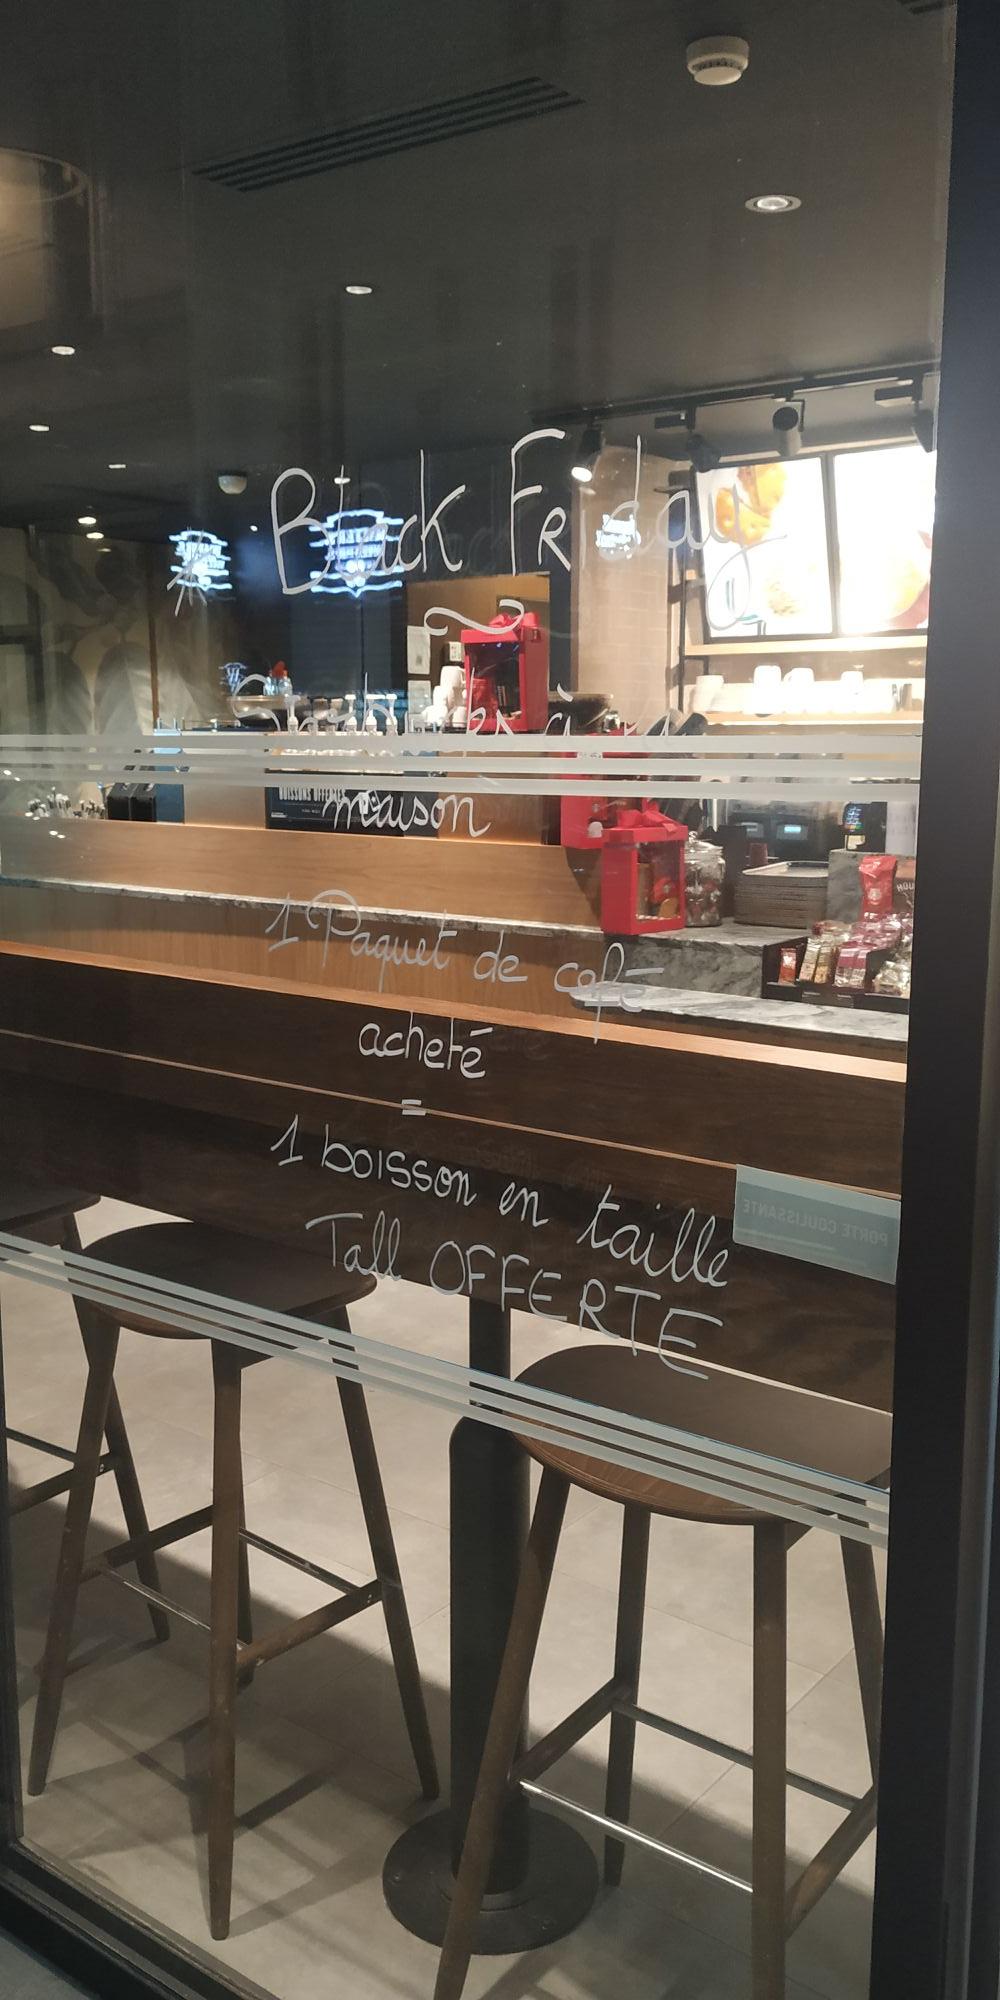 Boisson Tall offerte pour l'achat d'un paquet de café (5.90€) - Saint-Dominique Paris (75)